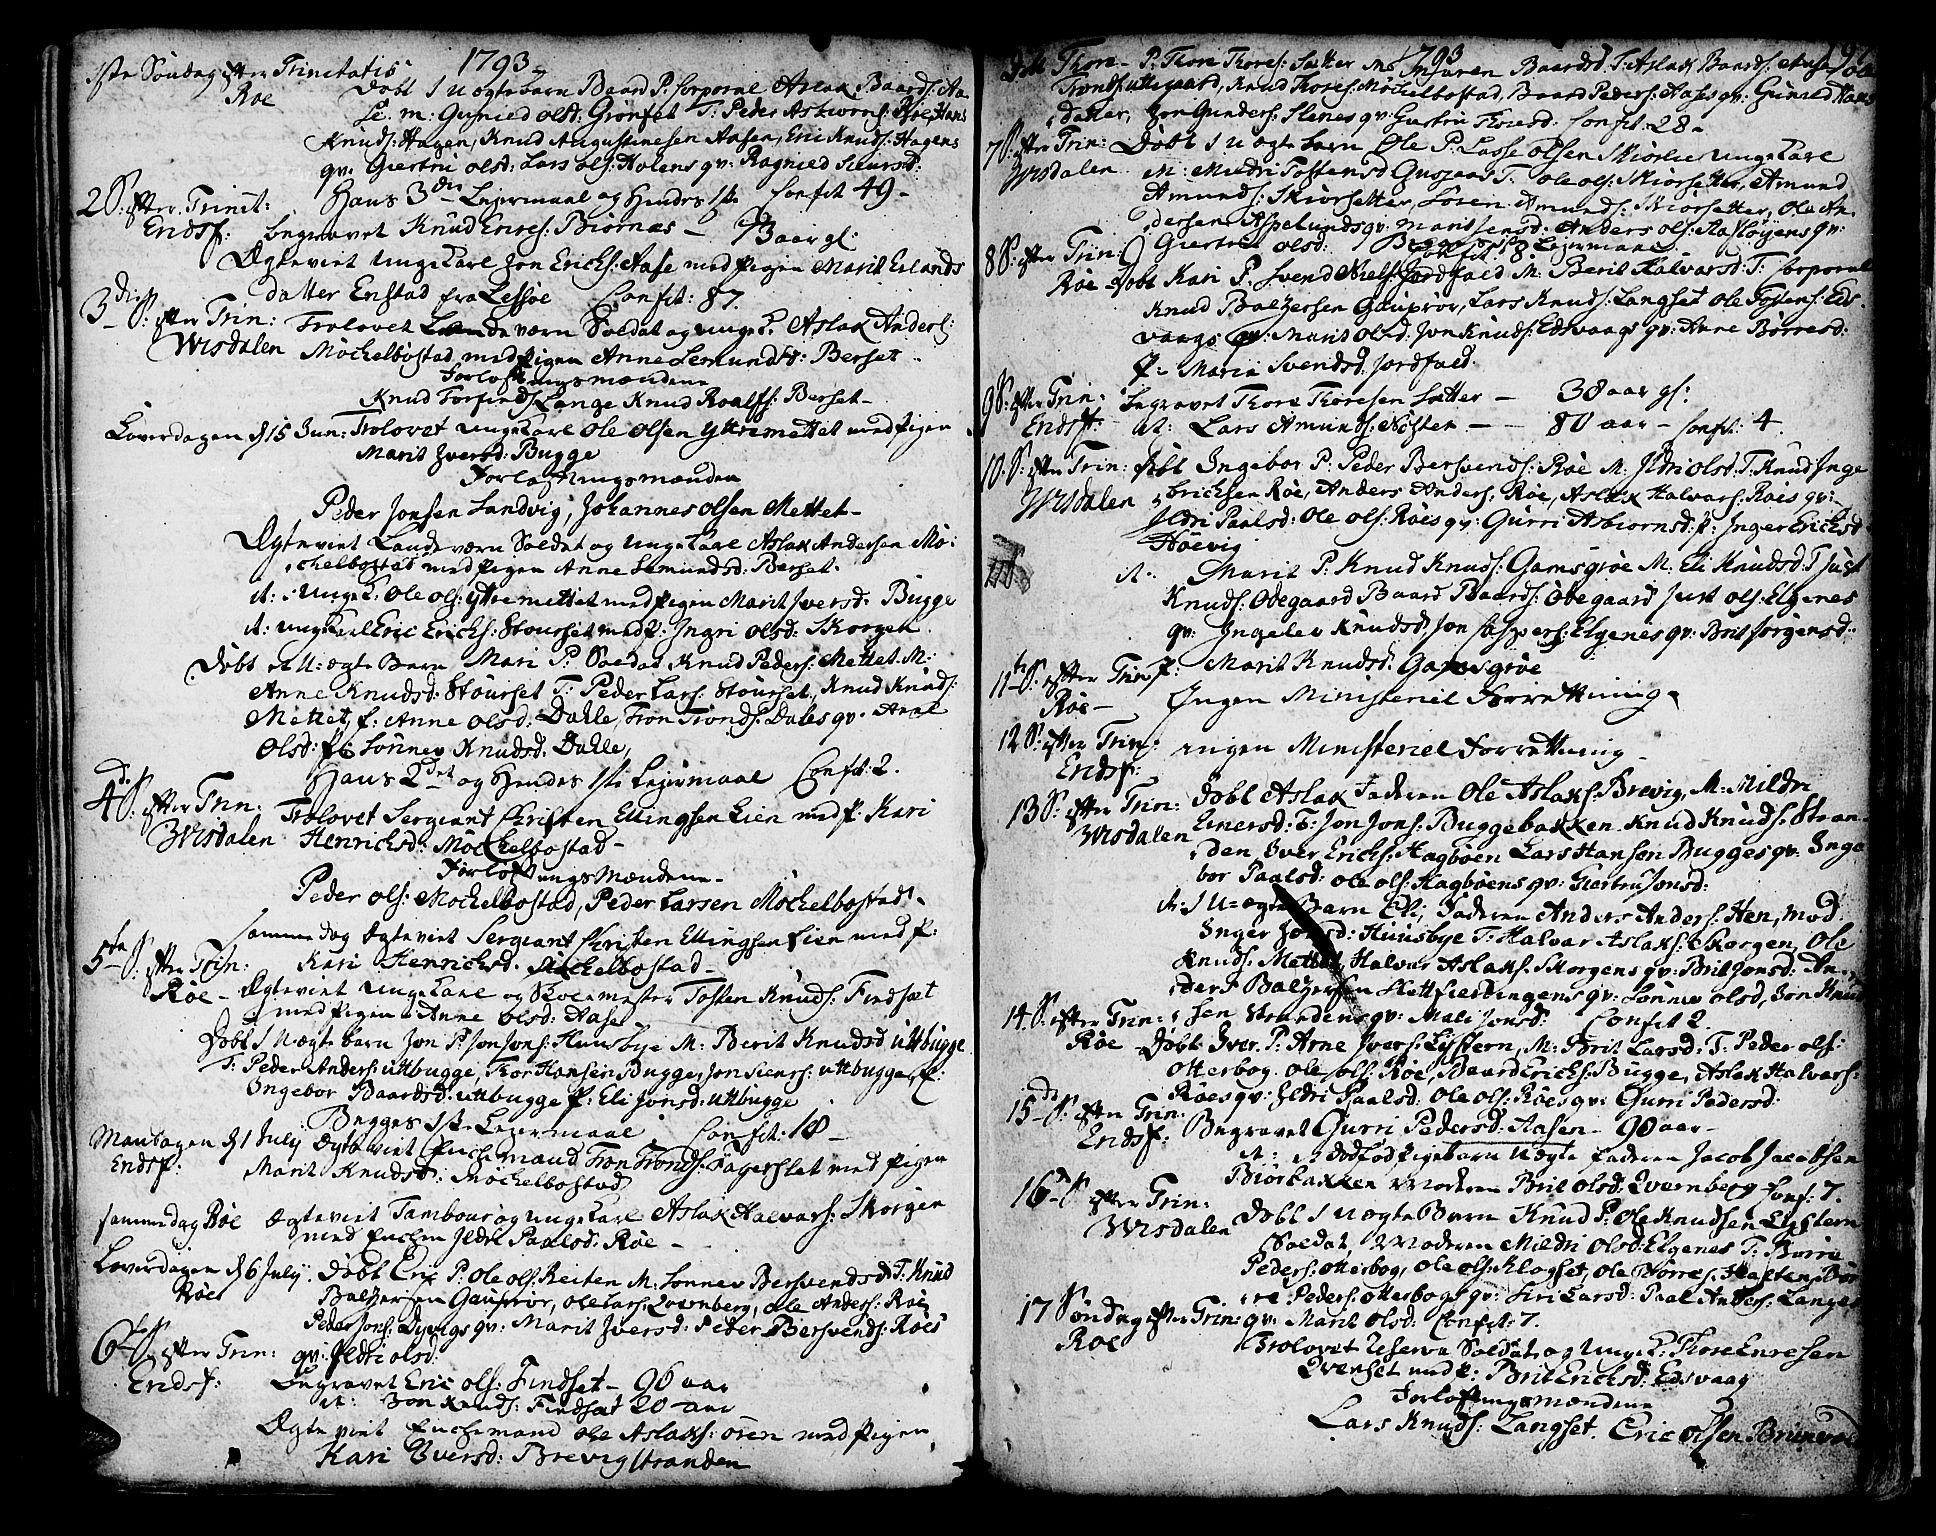 SAT, Ministerialprotokoller, klokkerbøker og fødselsregistre - Møre og Romsdal, 551/L0621: Ministerialbok nr. 551A01, 1757-1803, s. 197